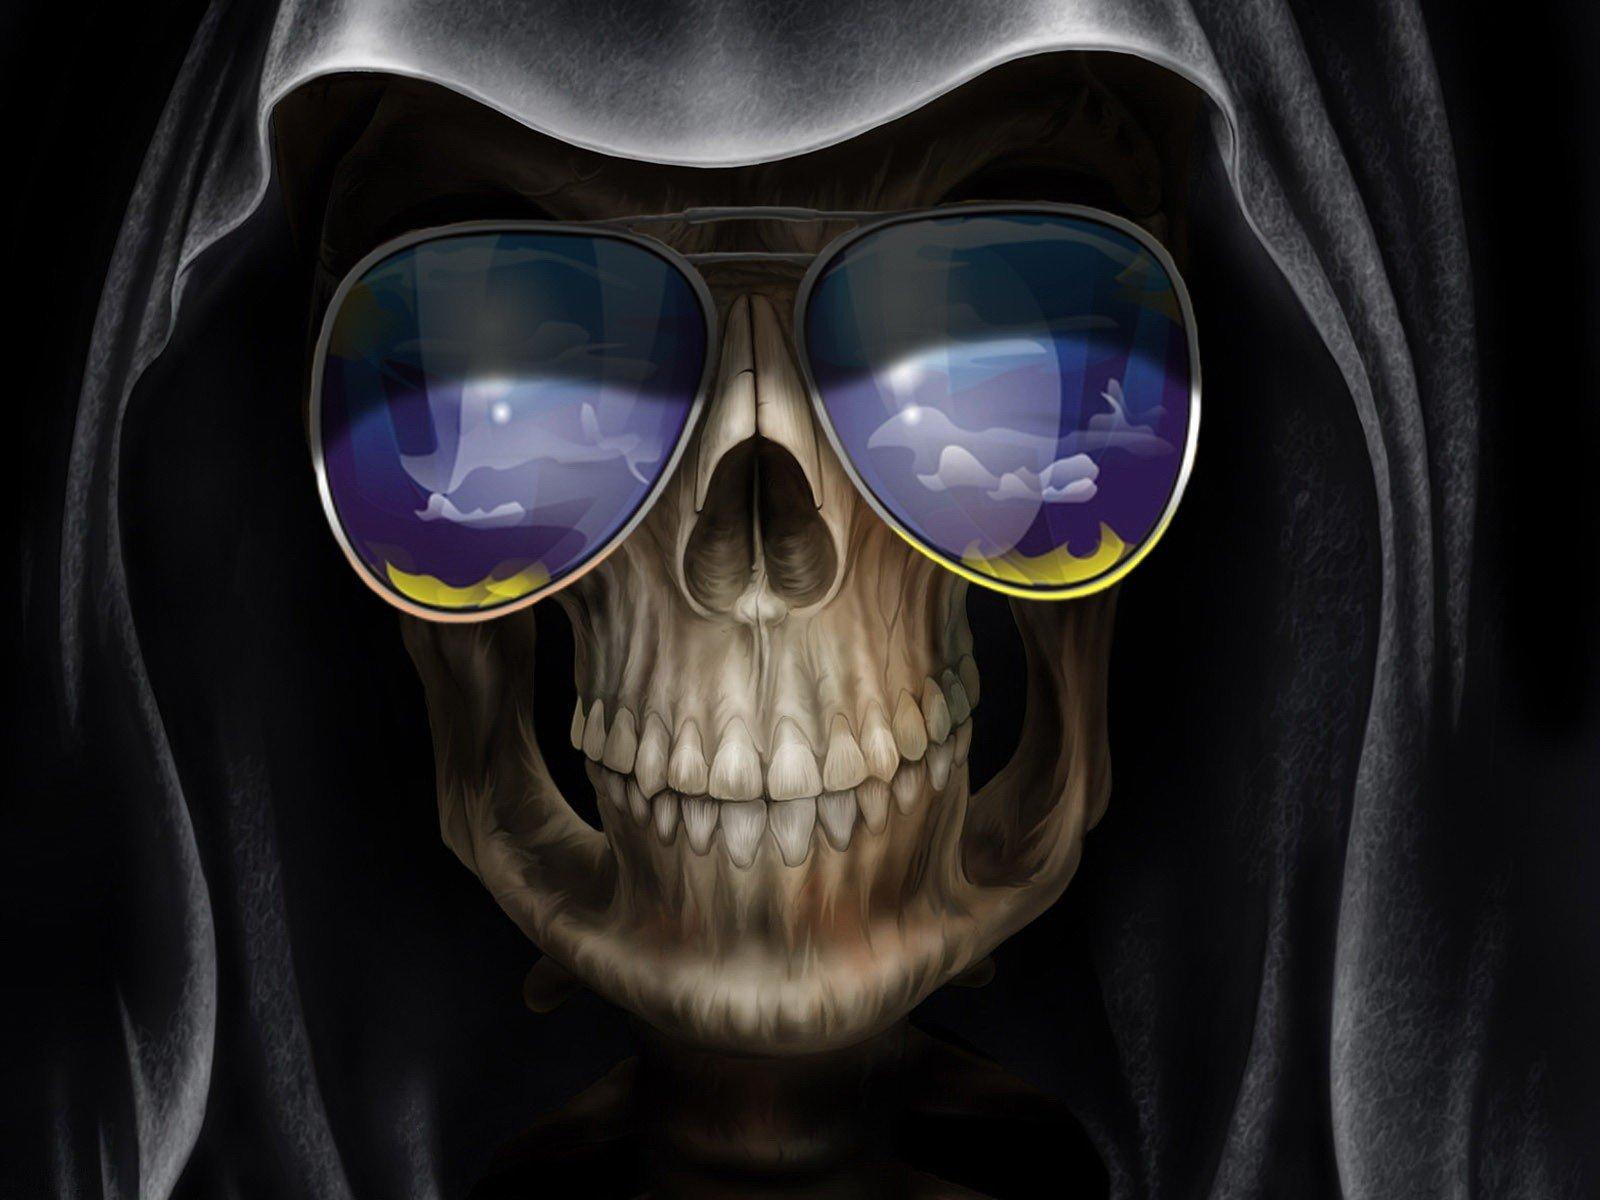 Картинки на скайп черепа